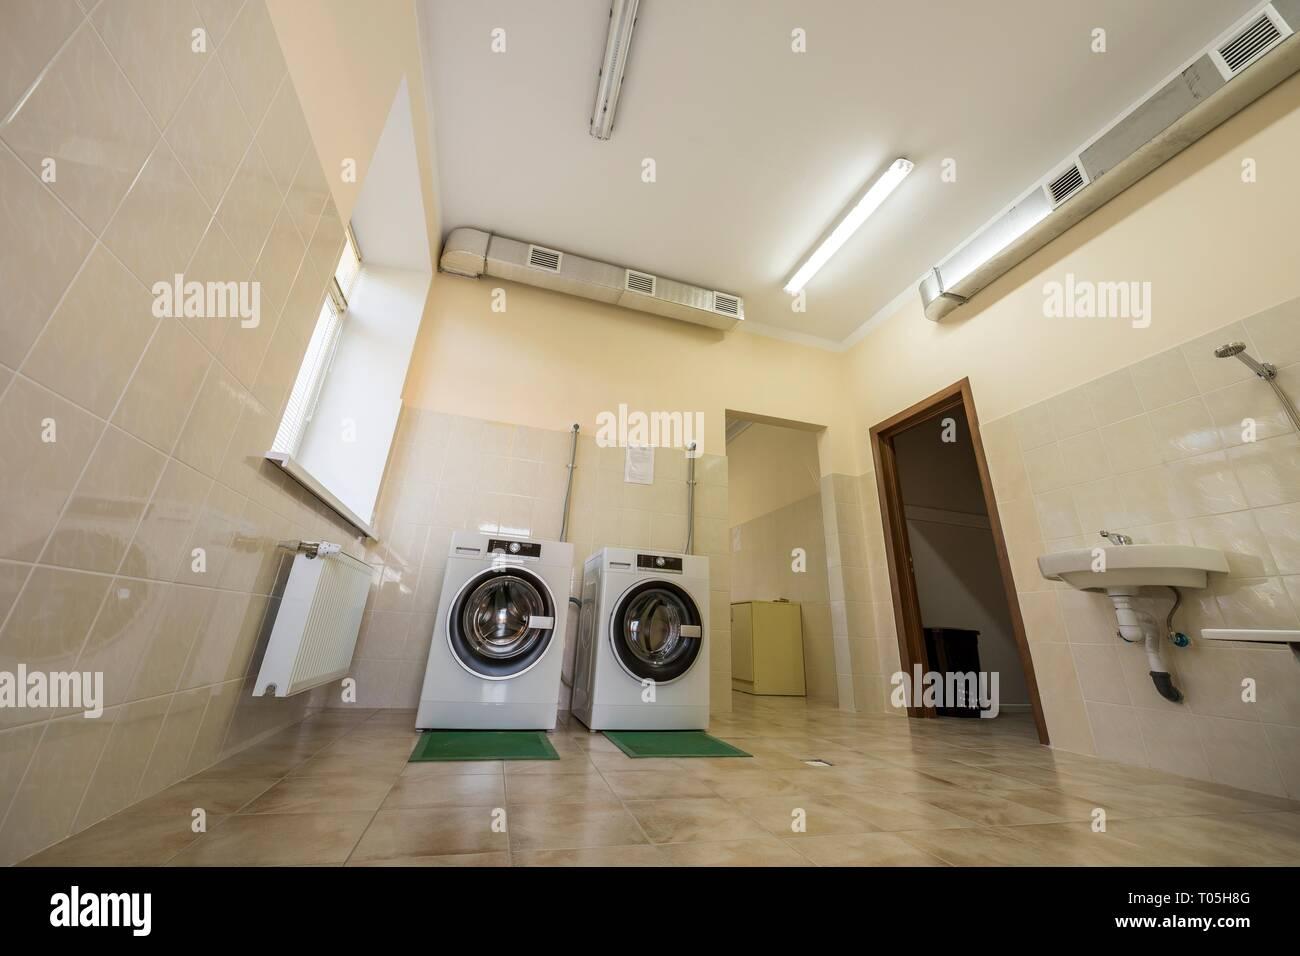 Neue Moderne Industrielle Waschmaschinen Auf Gummi Isolierung Matten In Sauber Hell Gefliesten Badezimmer Oder Waschkuche Mit Luftung Stockfotografie Alamy